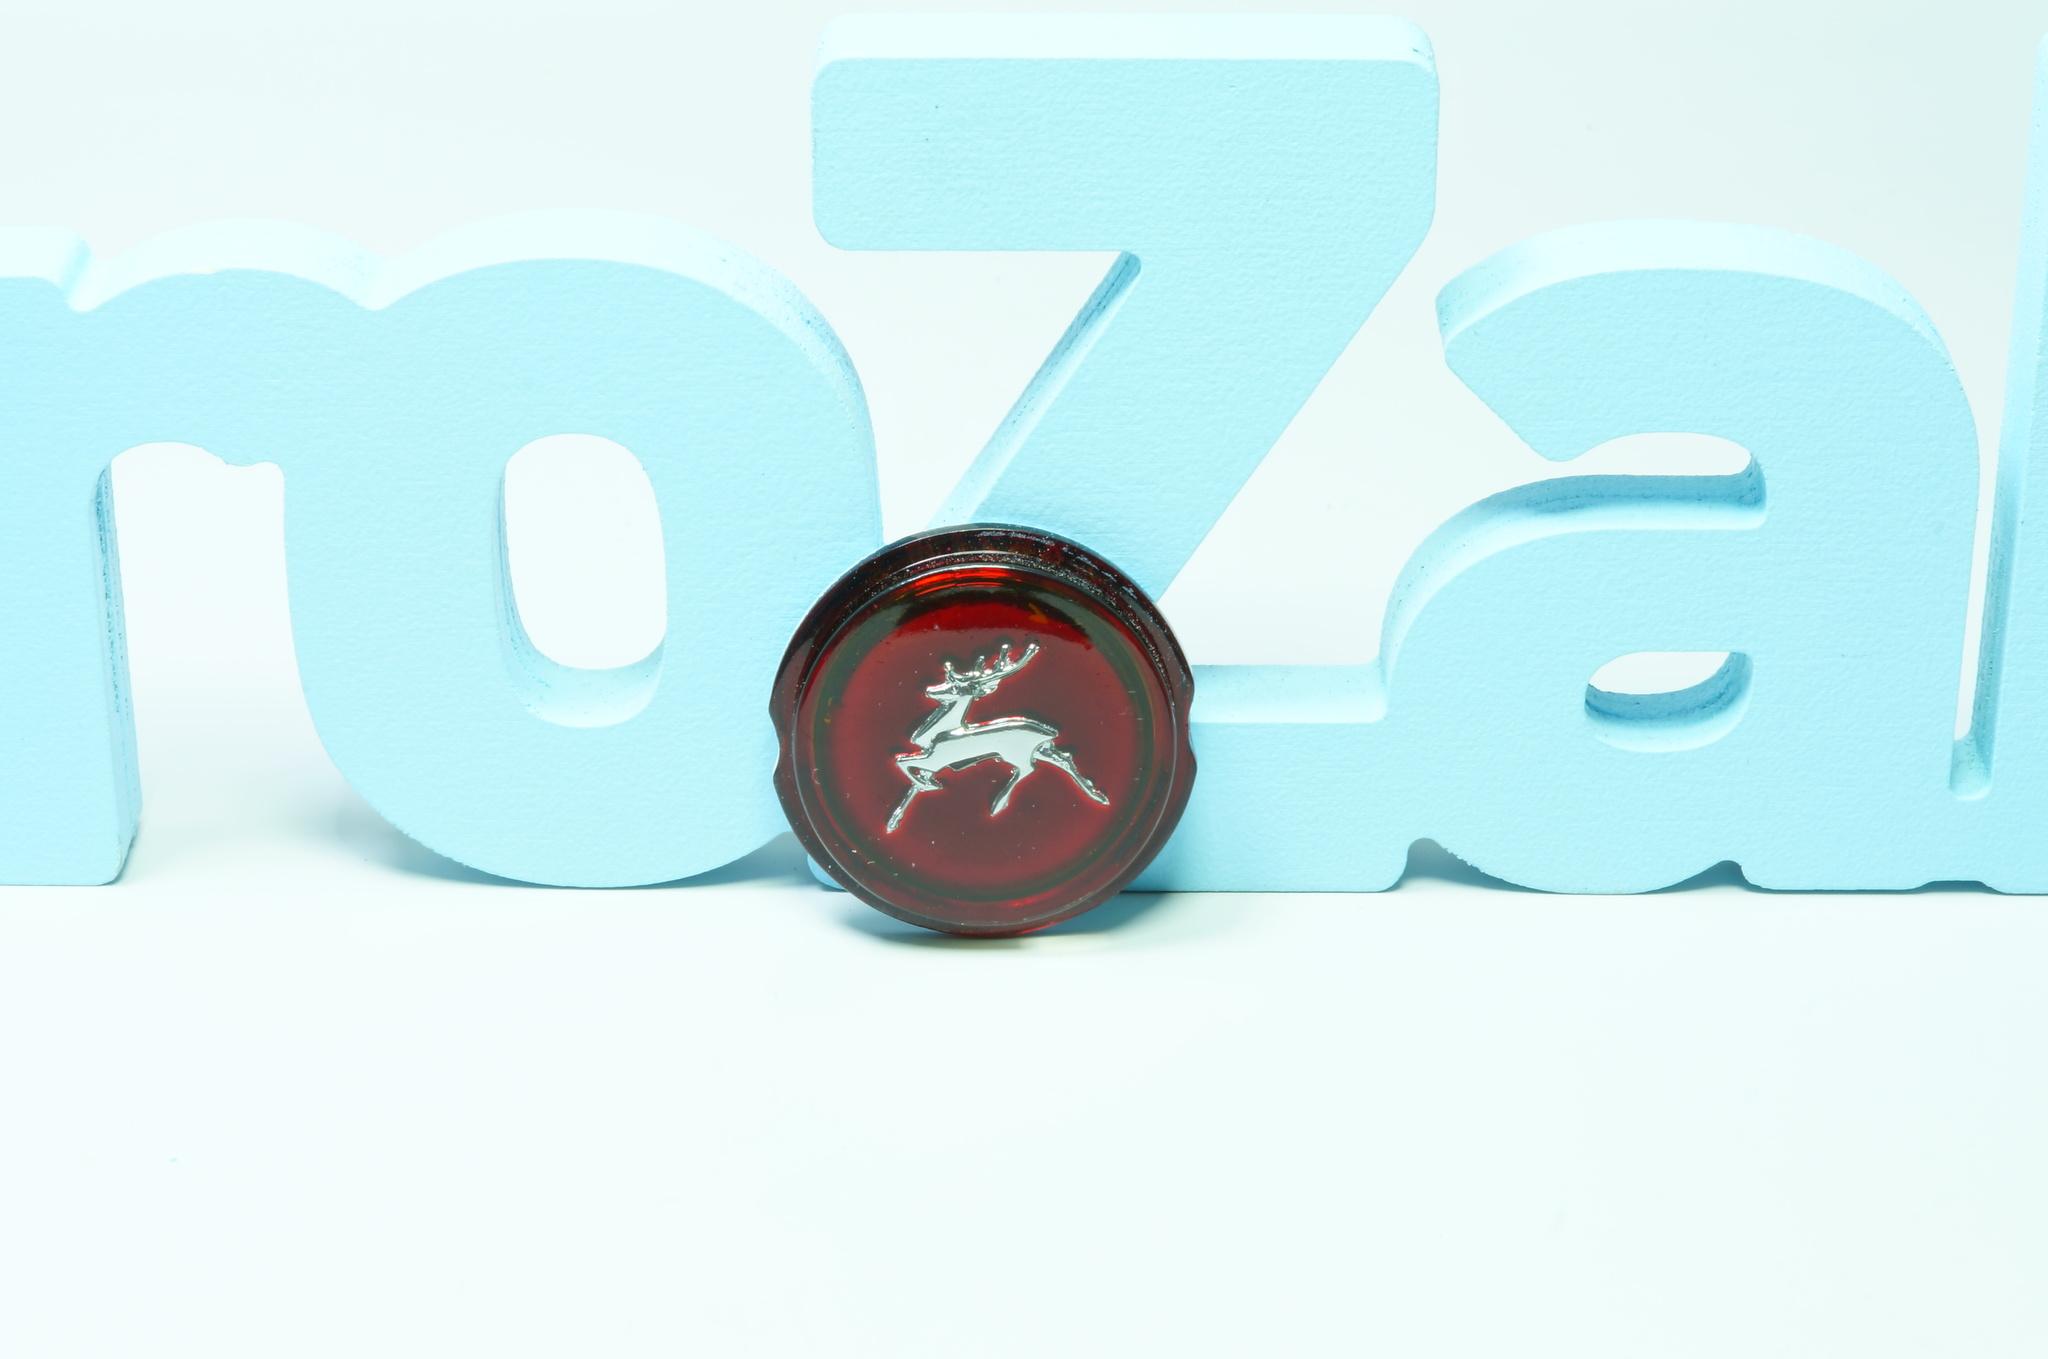 Эмблема задней птицы пластик Газ 21 3 серии